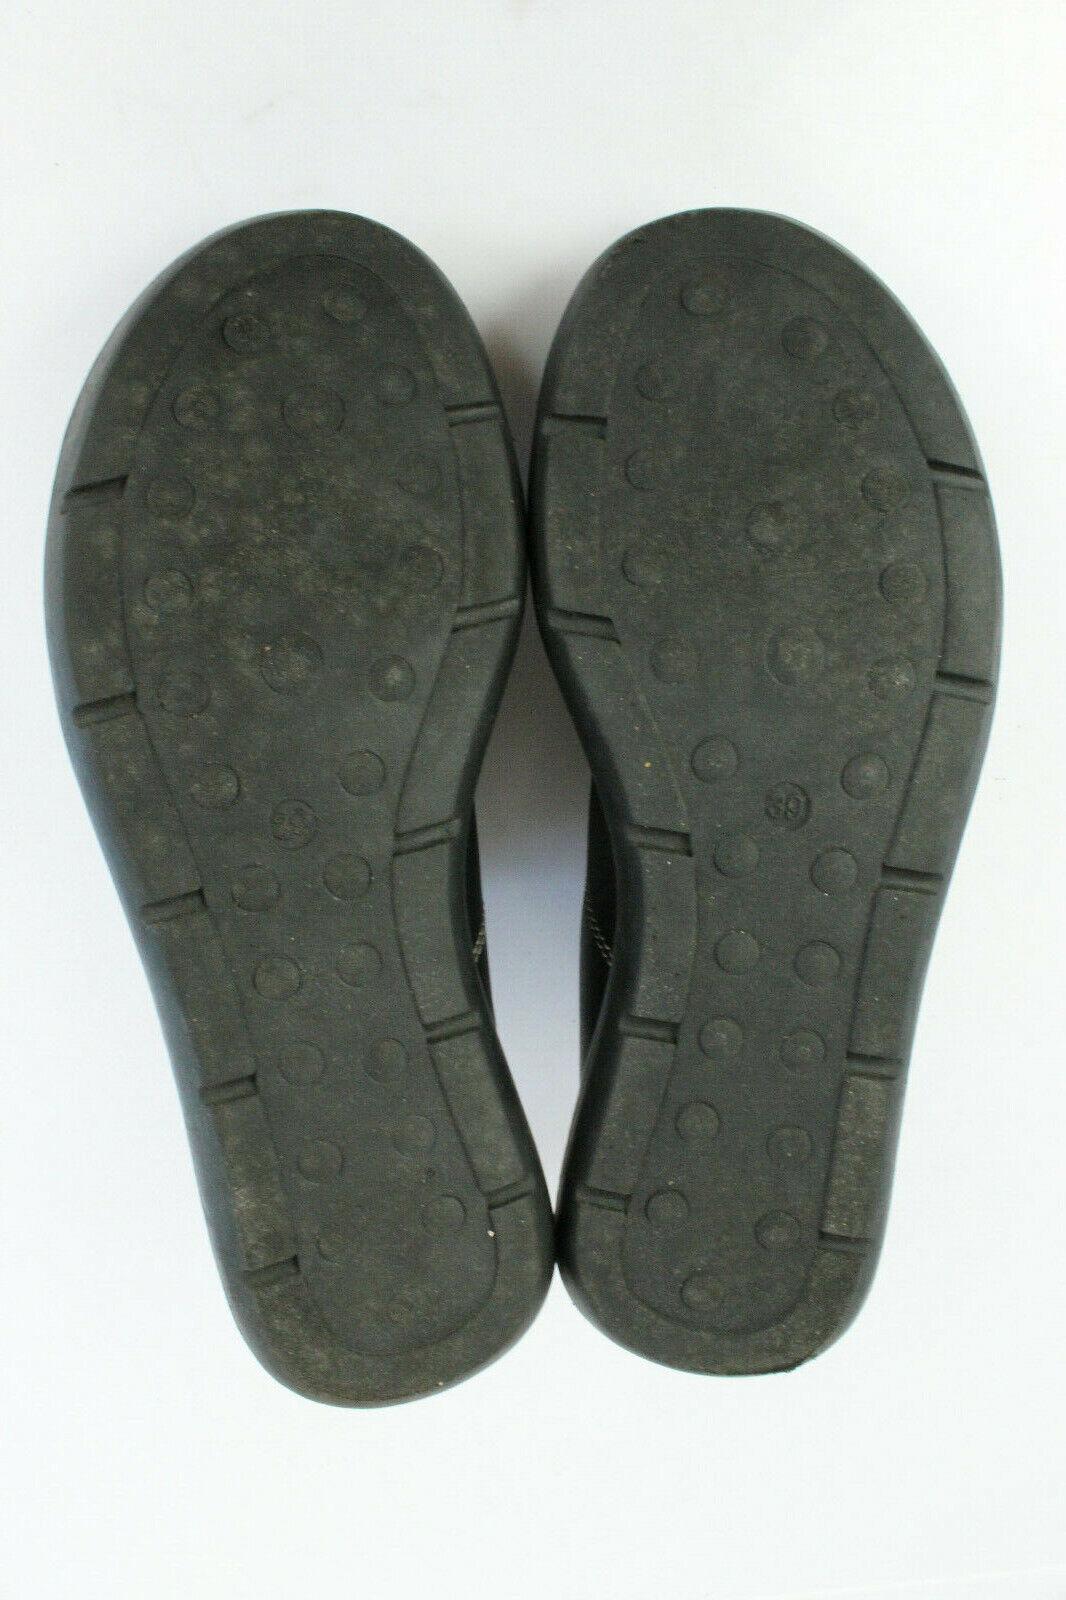 Oxfordschuhe Oxfordschuhe Oxfordschuhe BINOME schwarzes Leder T 39 UK 5,5 sehr guter Zustand bd494c